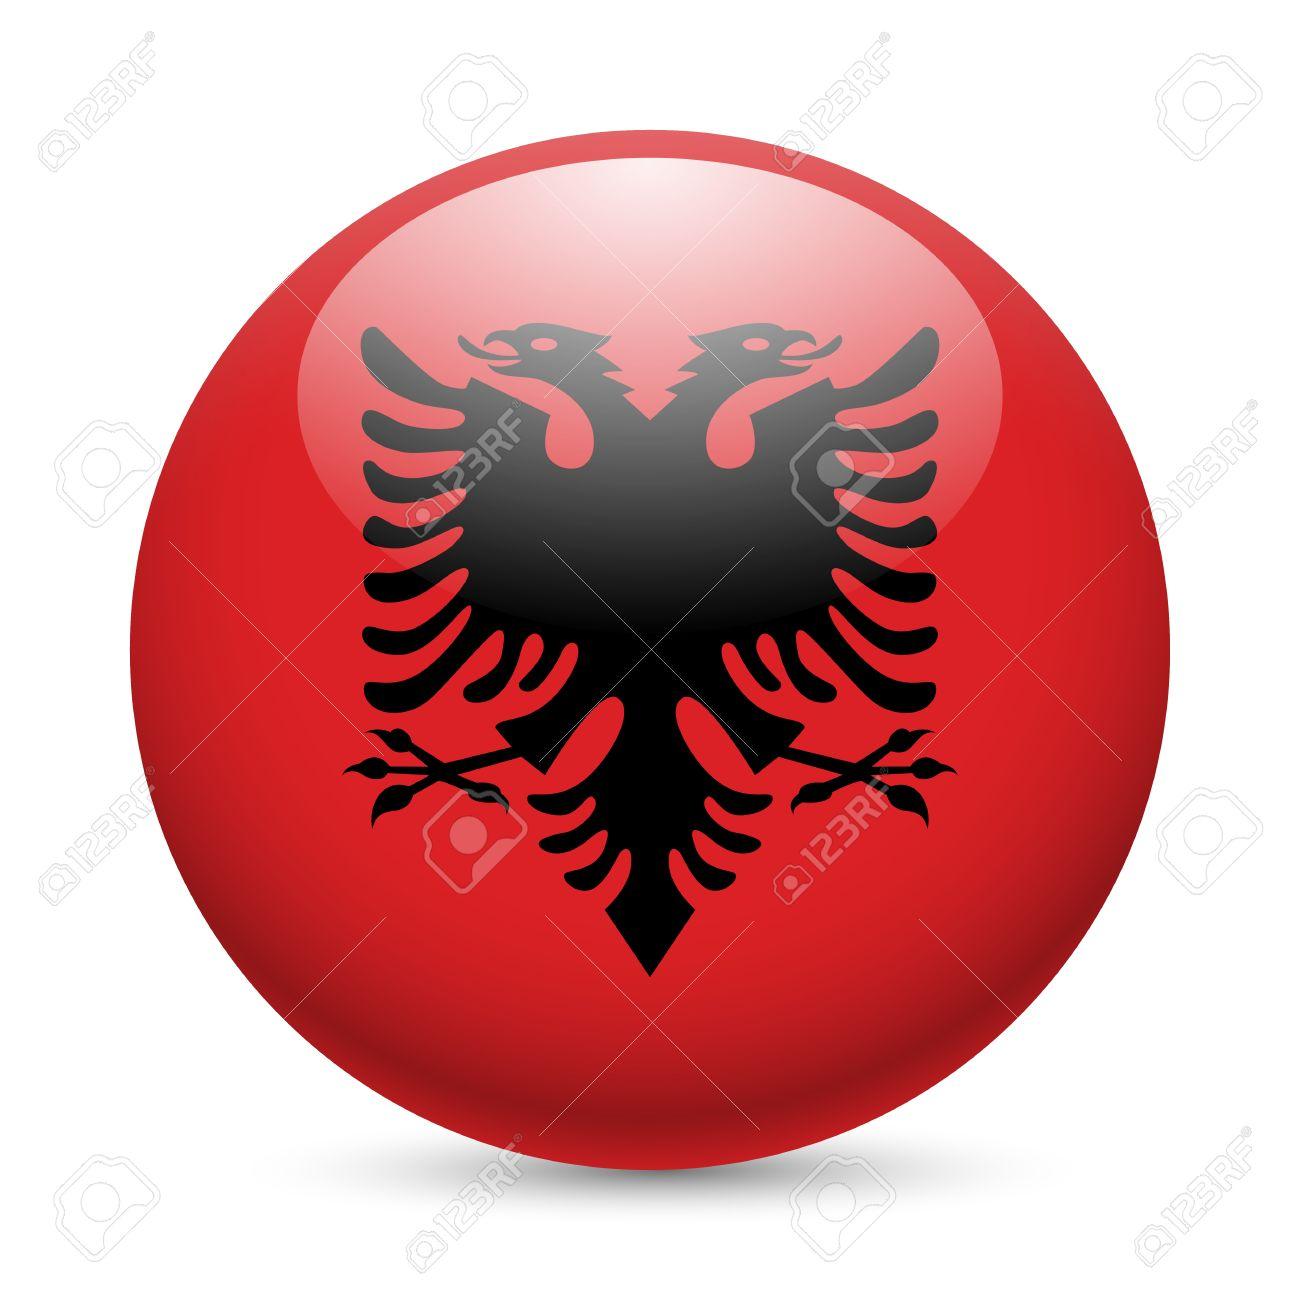 Flag Of Albania As Round Glossy Icon Button With Albanian Flag - Albanian flag